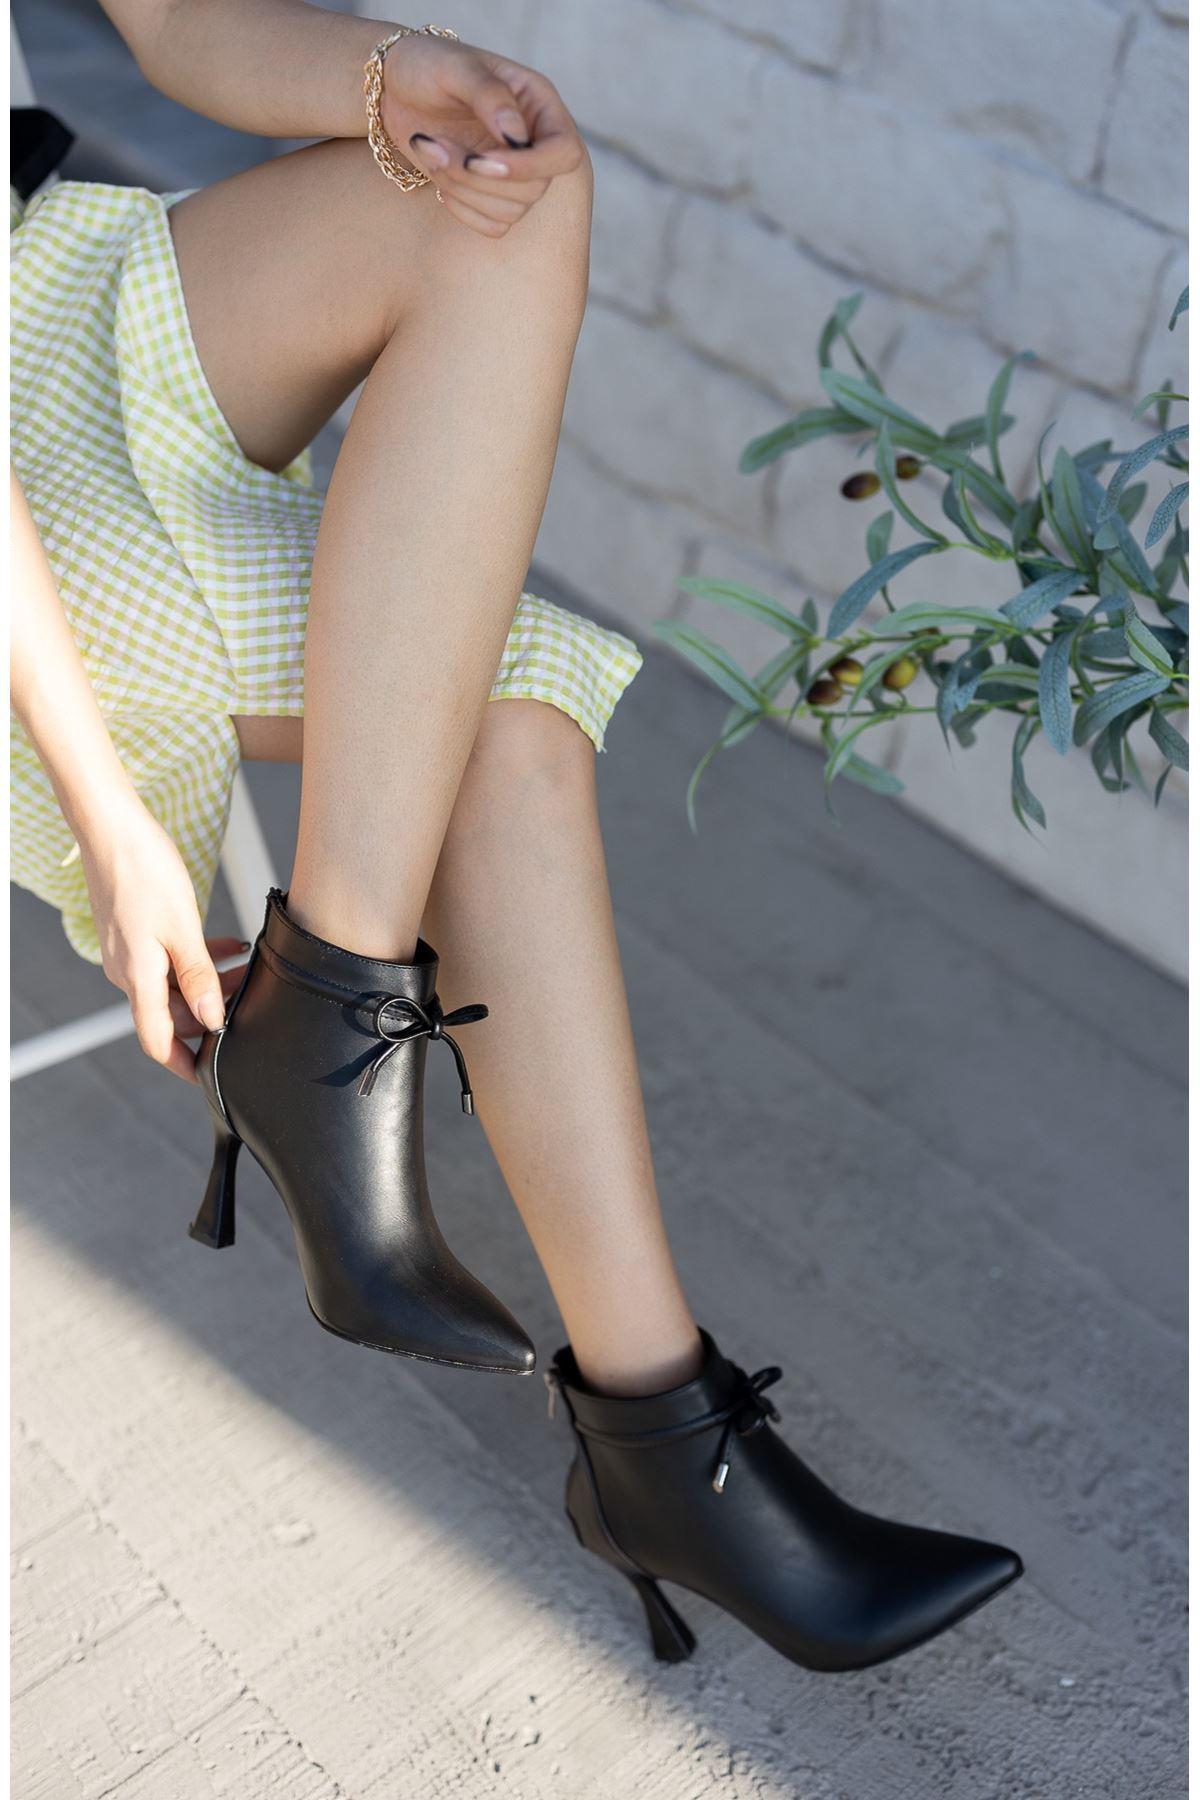 Kadın Minke Yüksek Kadeh Topuklu Mat Deri Siyah Bot